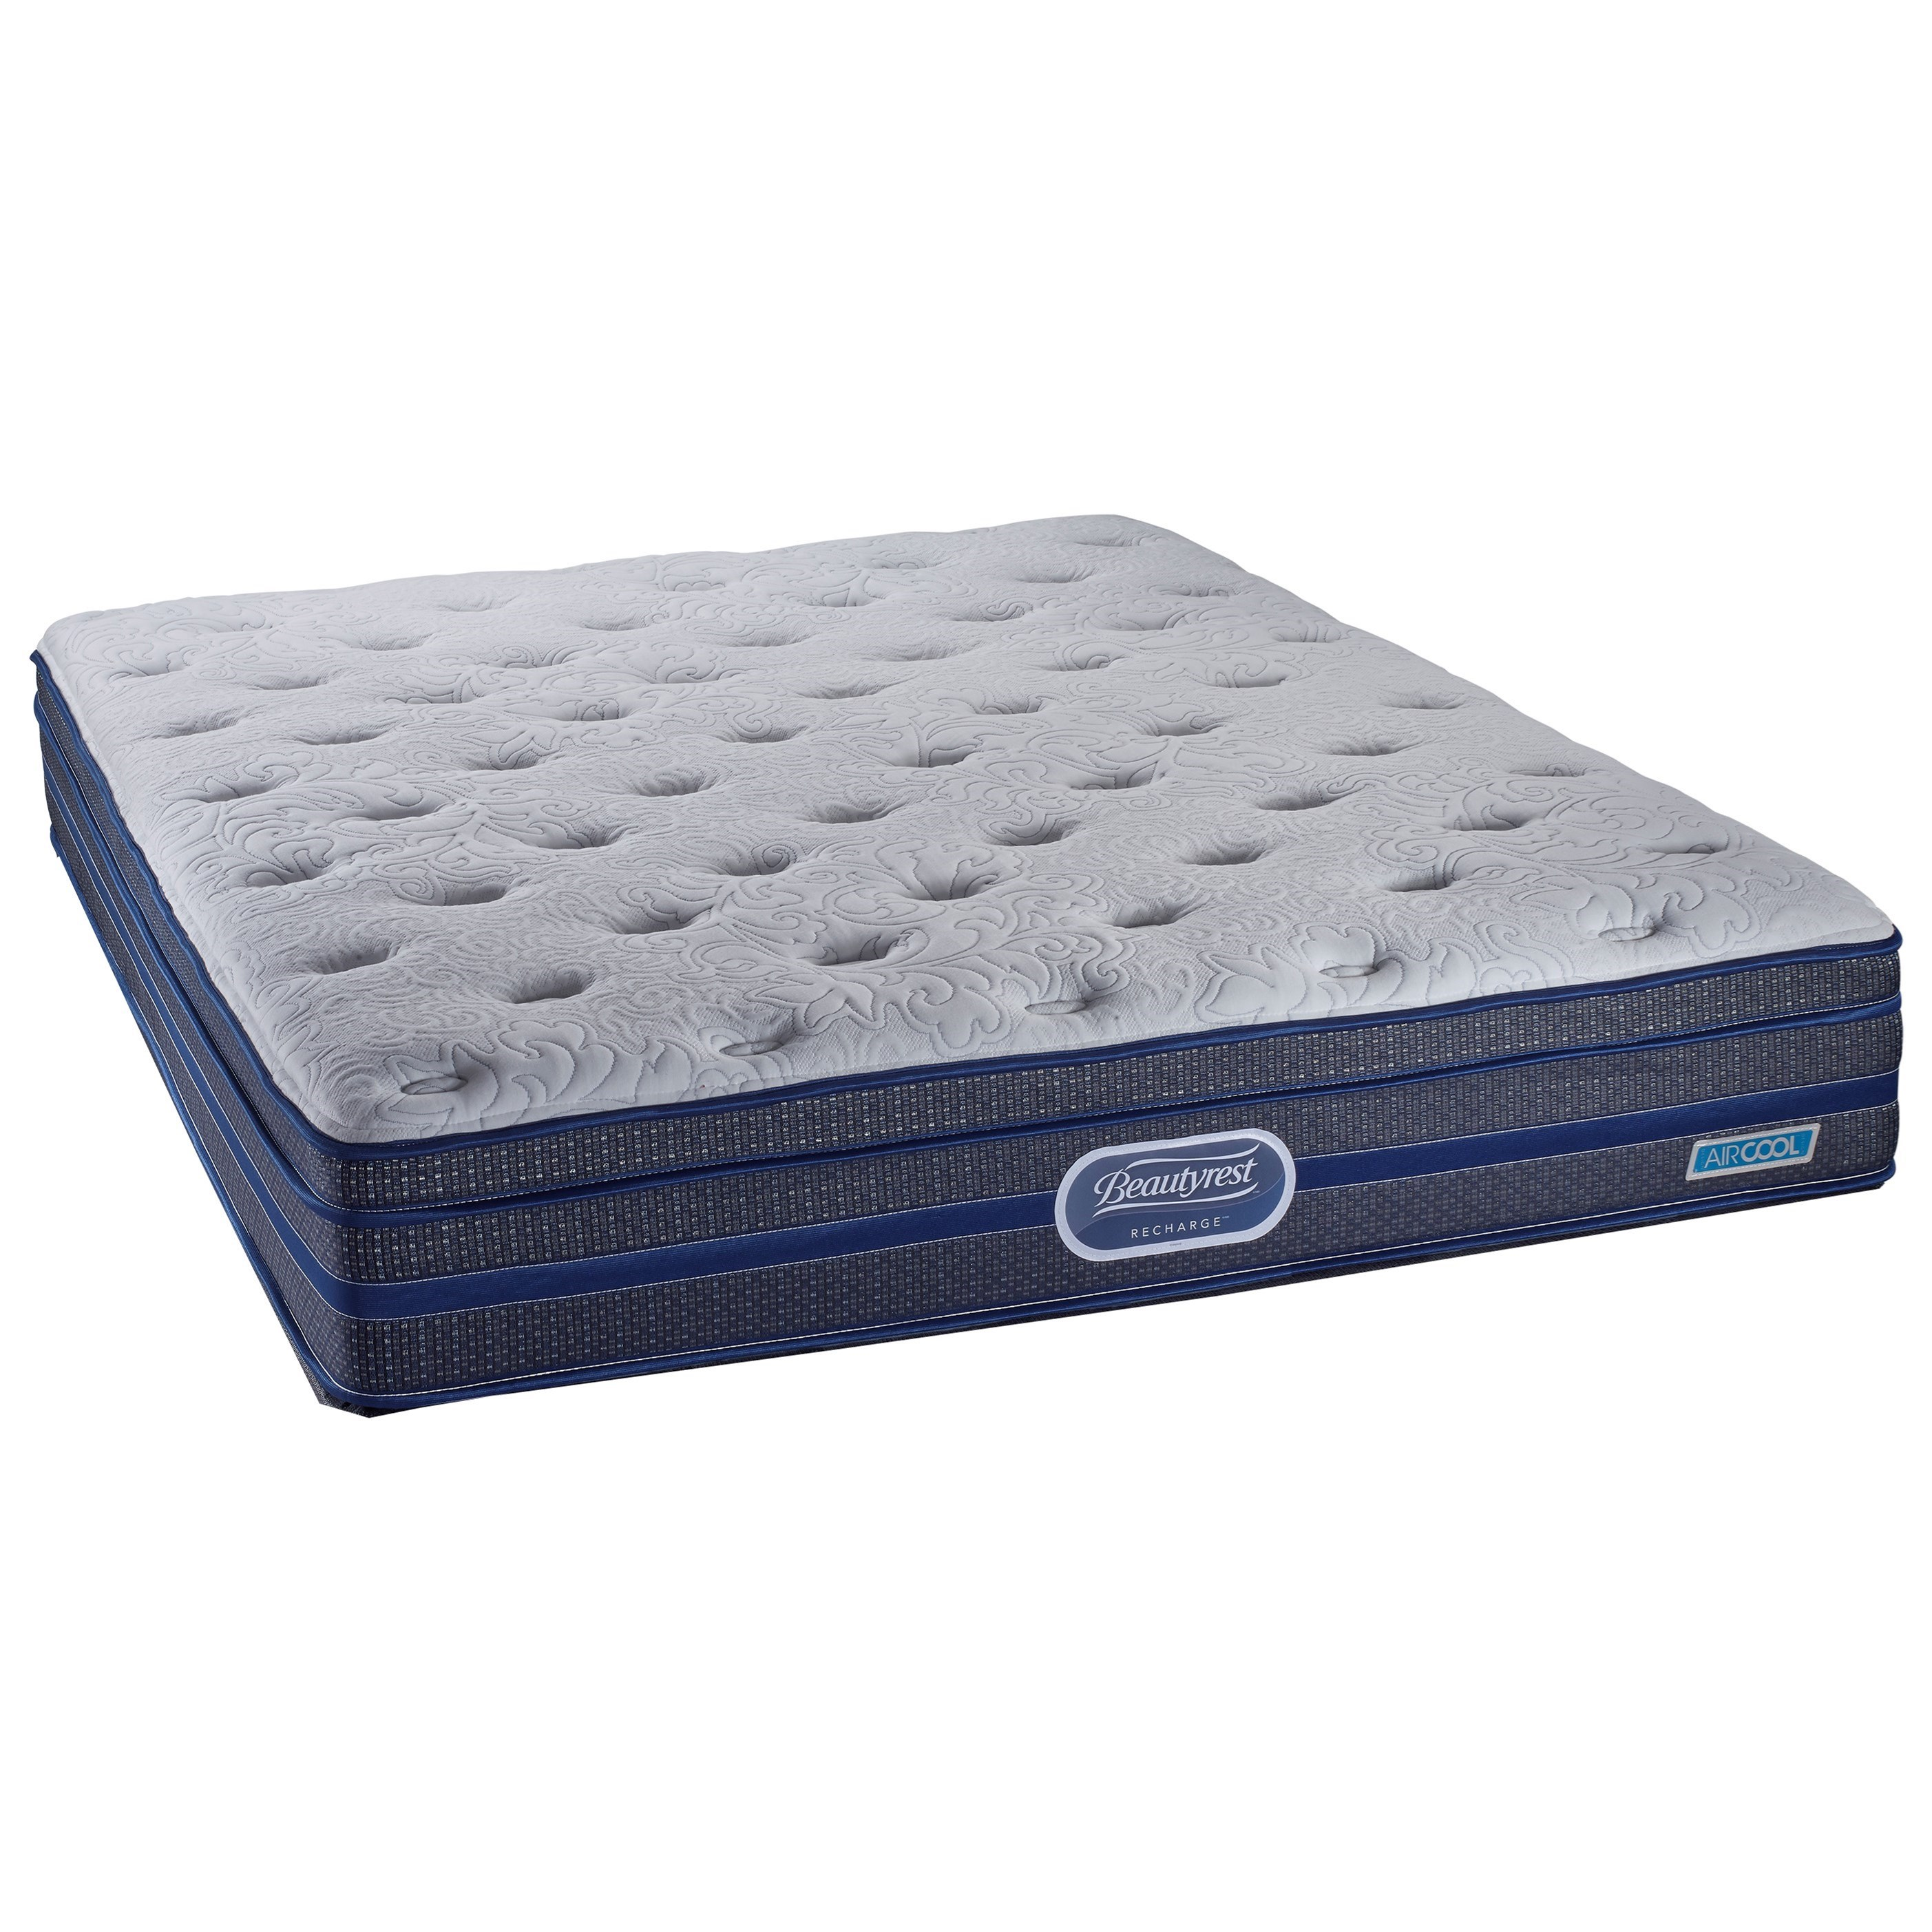 shld futon pillowtop getimage beautyrest catskills recharge futons firm only url queen mattress